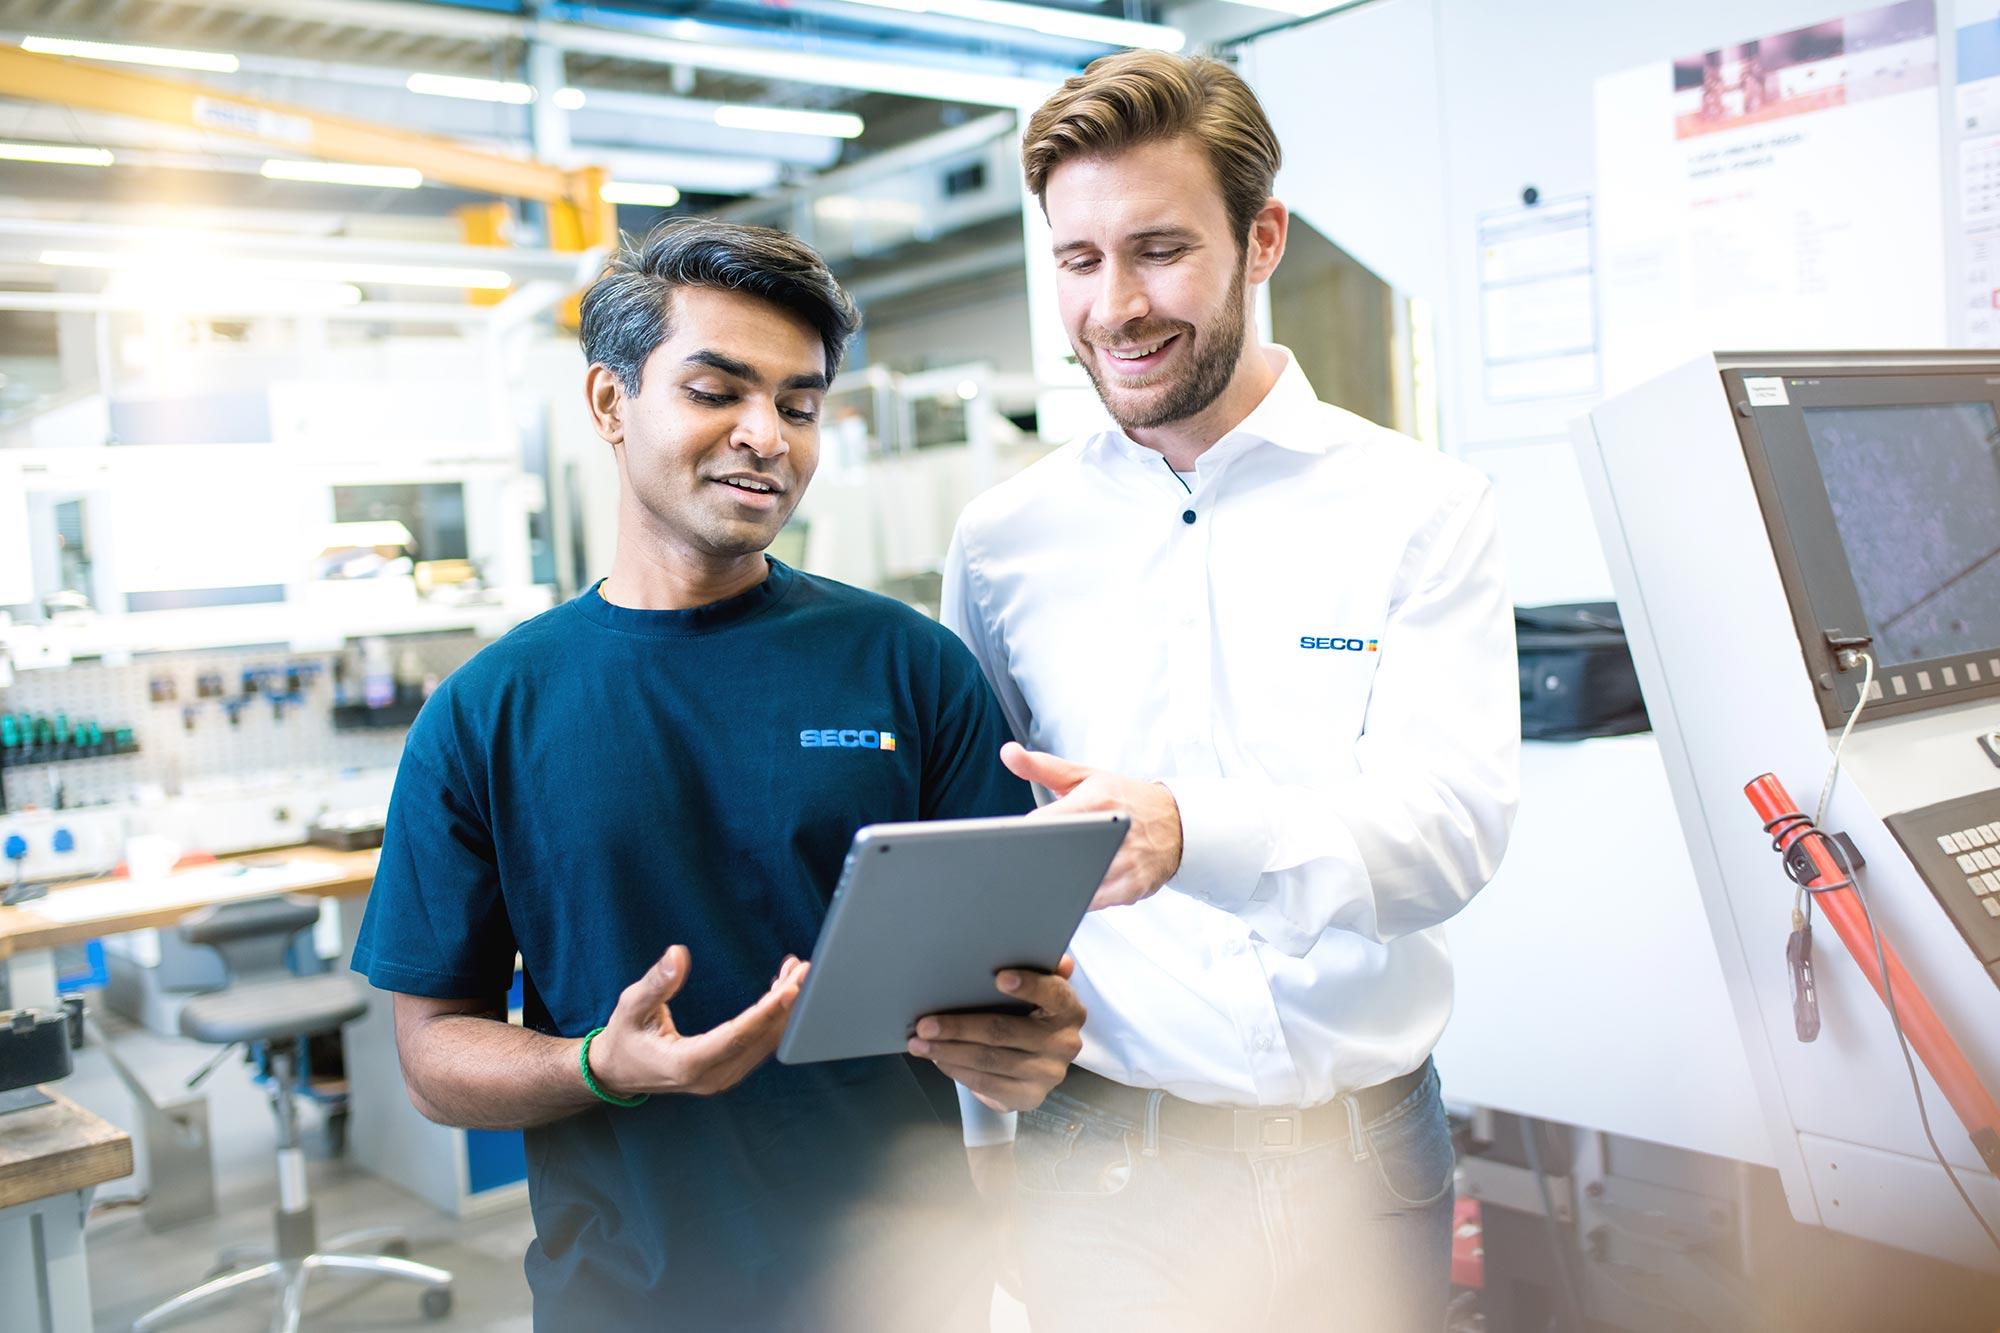 SECO-TOOLS-Global Communication Mitarbeiter der Produktion und Kunde sprechen konzentriert mit Tablet in der Hand vor CNC Maschine